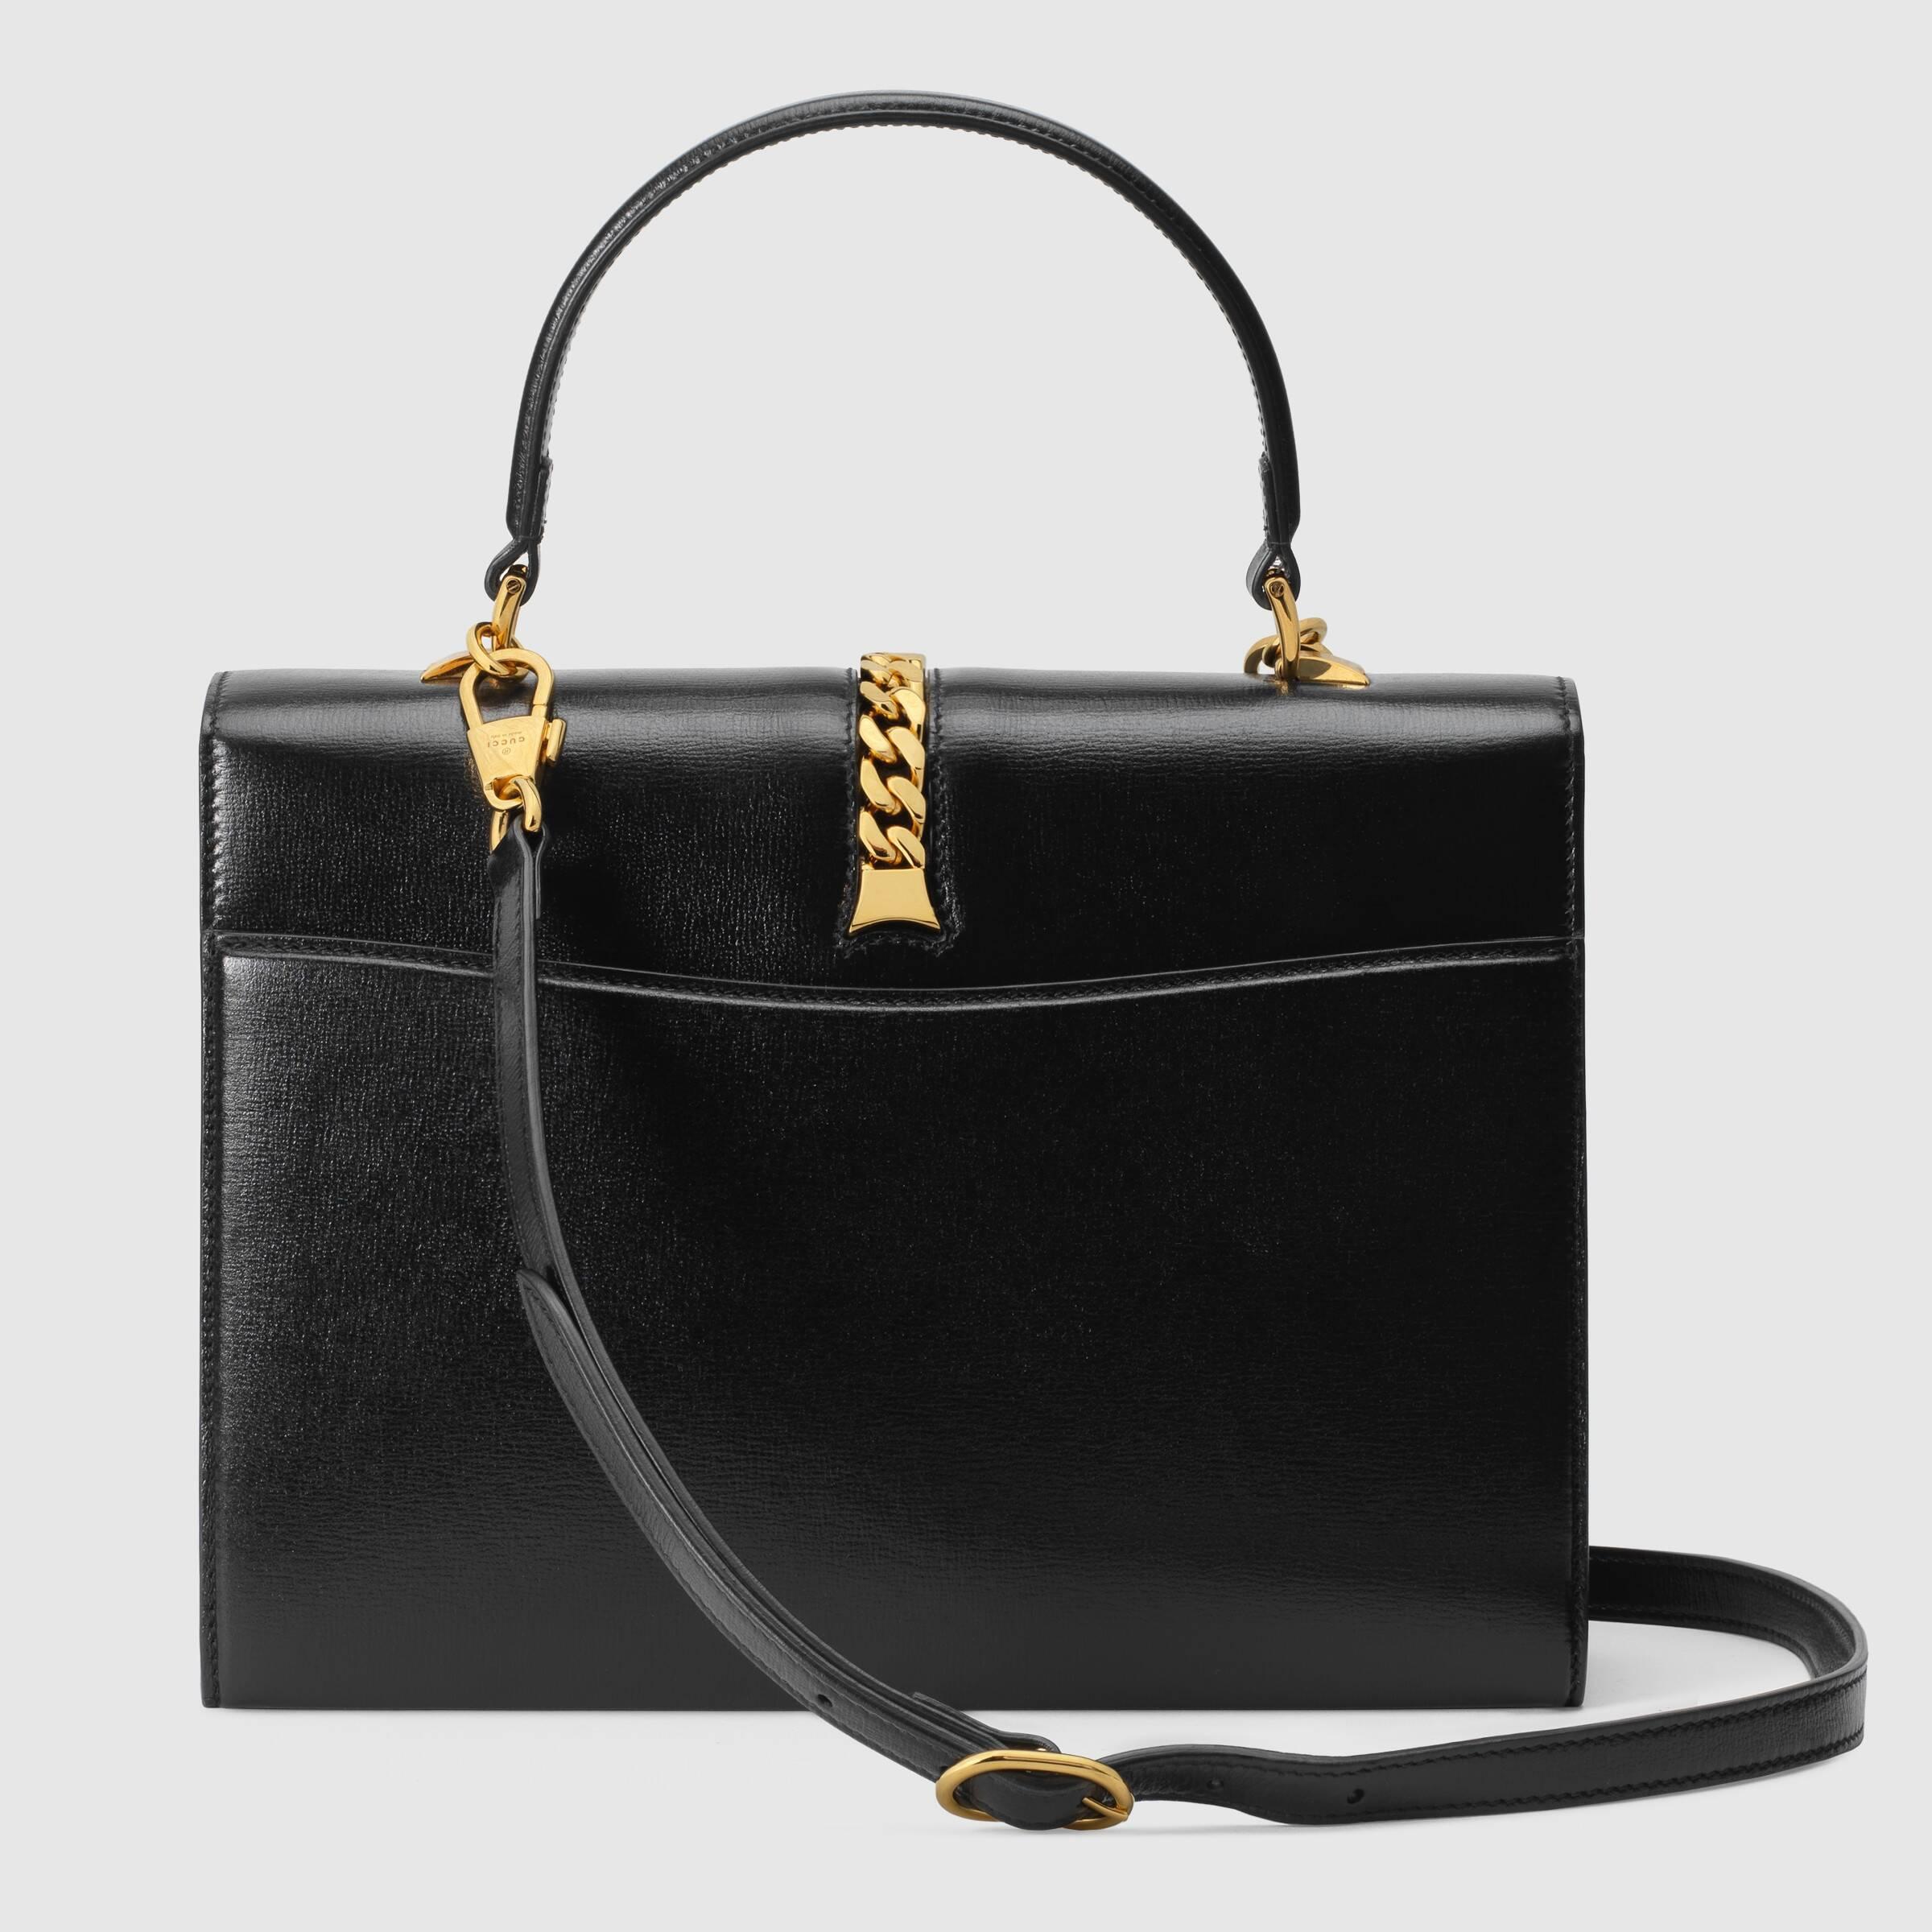 유럽직배송 구찌 토트백 GUCCI Sylvie 1969 small top handle bag 6027811DB0G1000